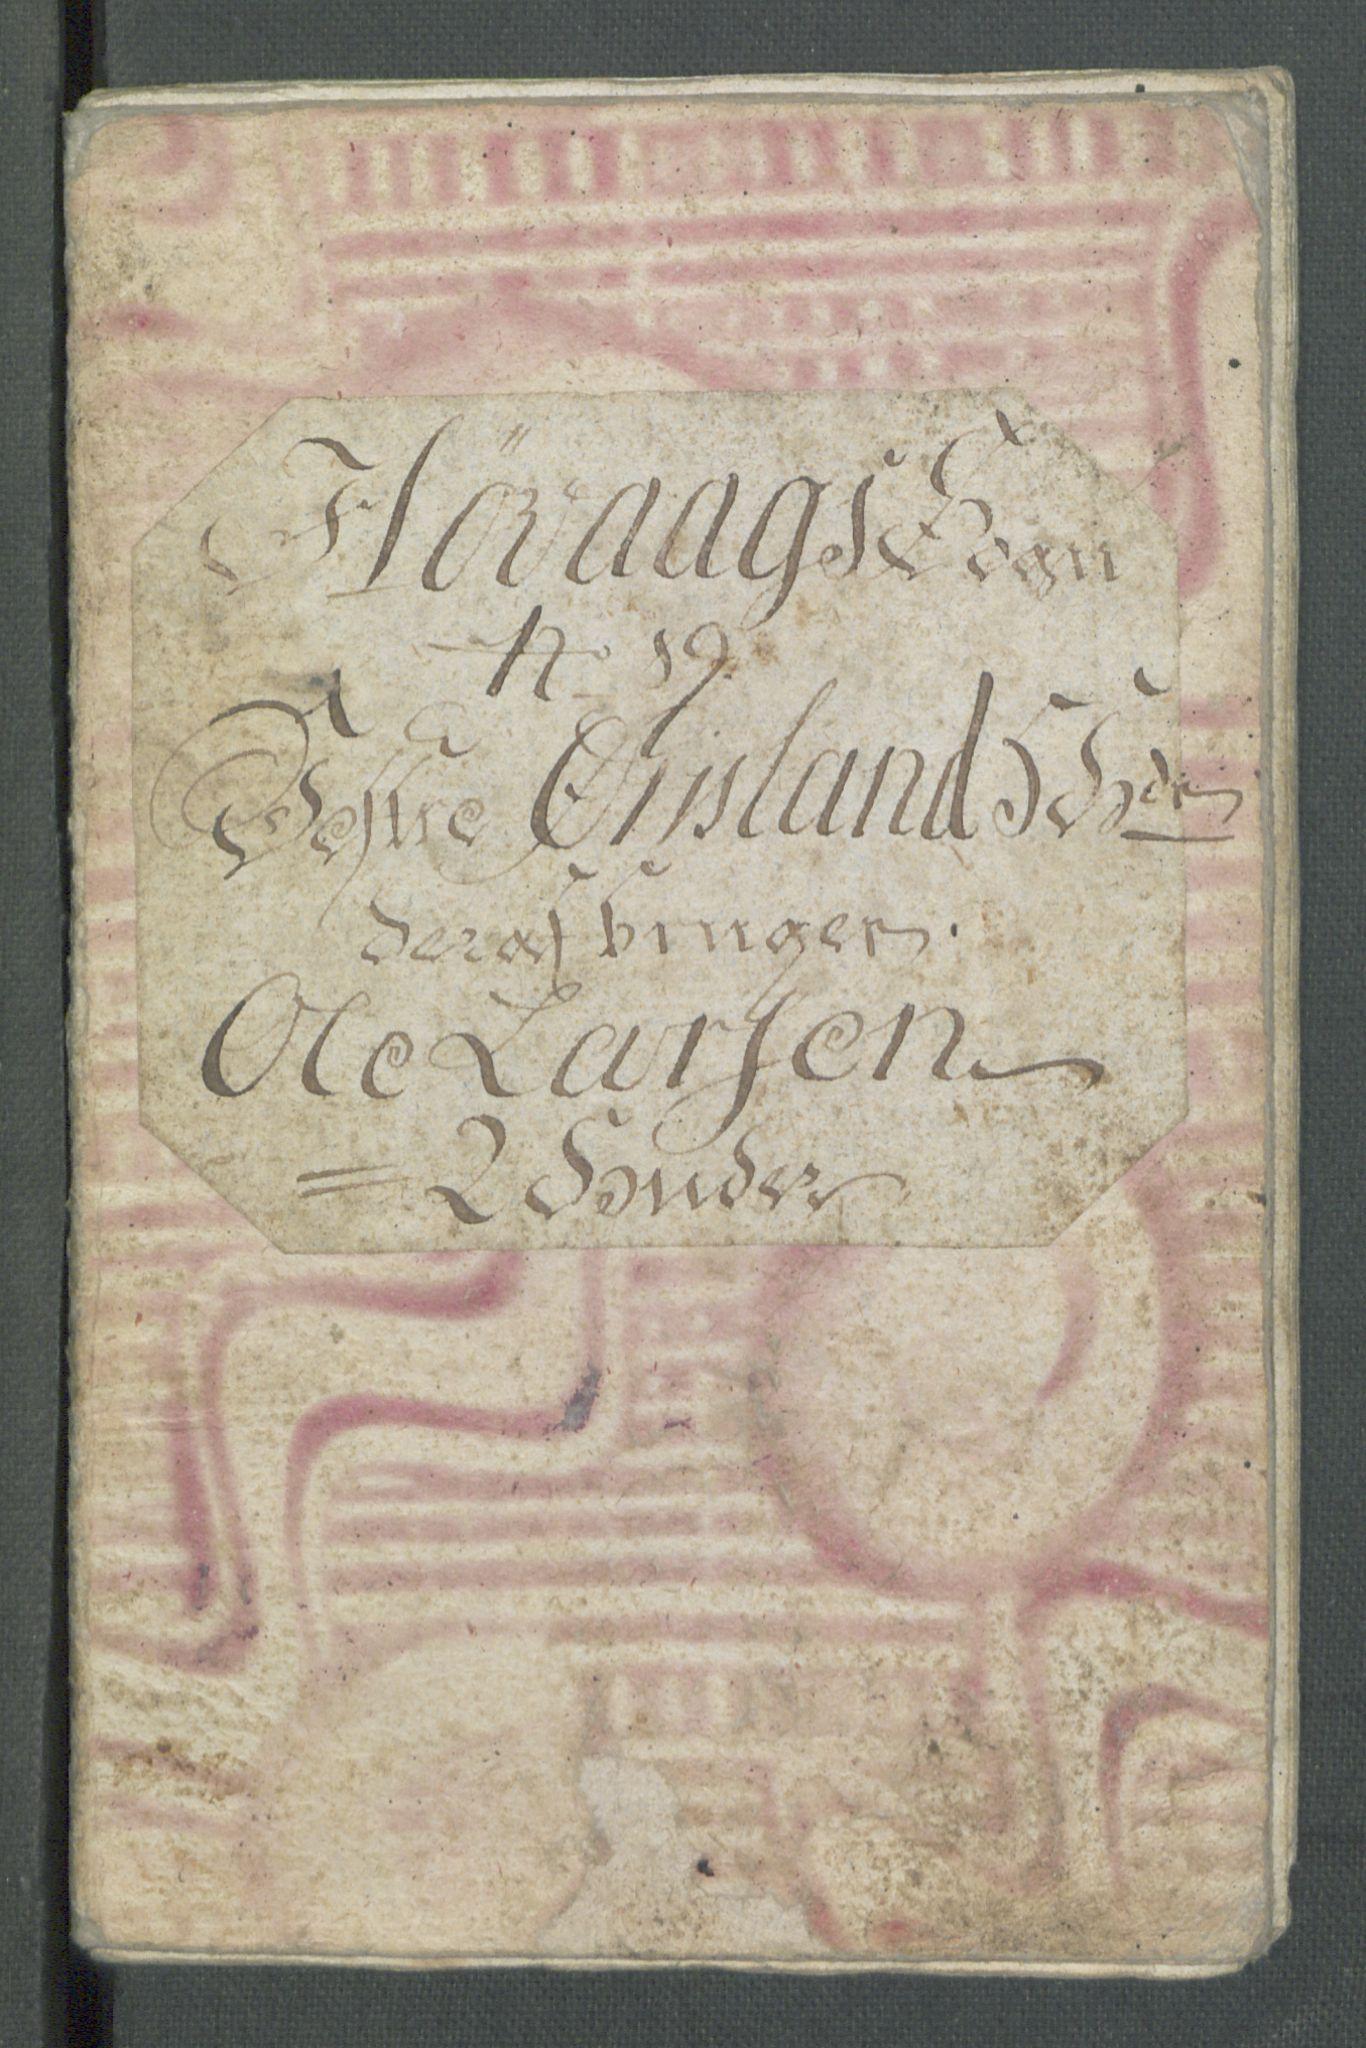 RA, Rentekammeret inntil 1814, Realistisk ordnet avdeling, Od/L0001: Oppløp, 1786-1769, s. 406